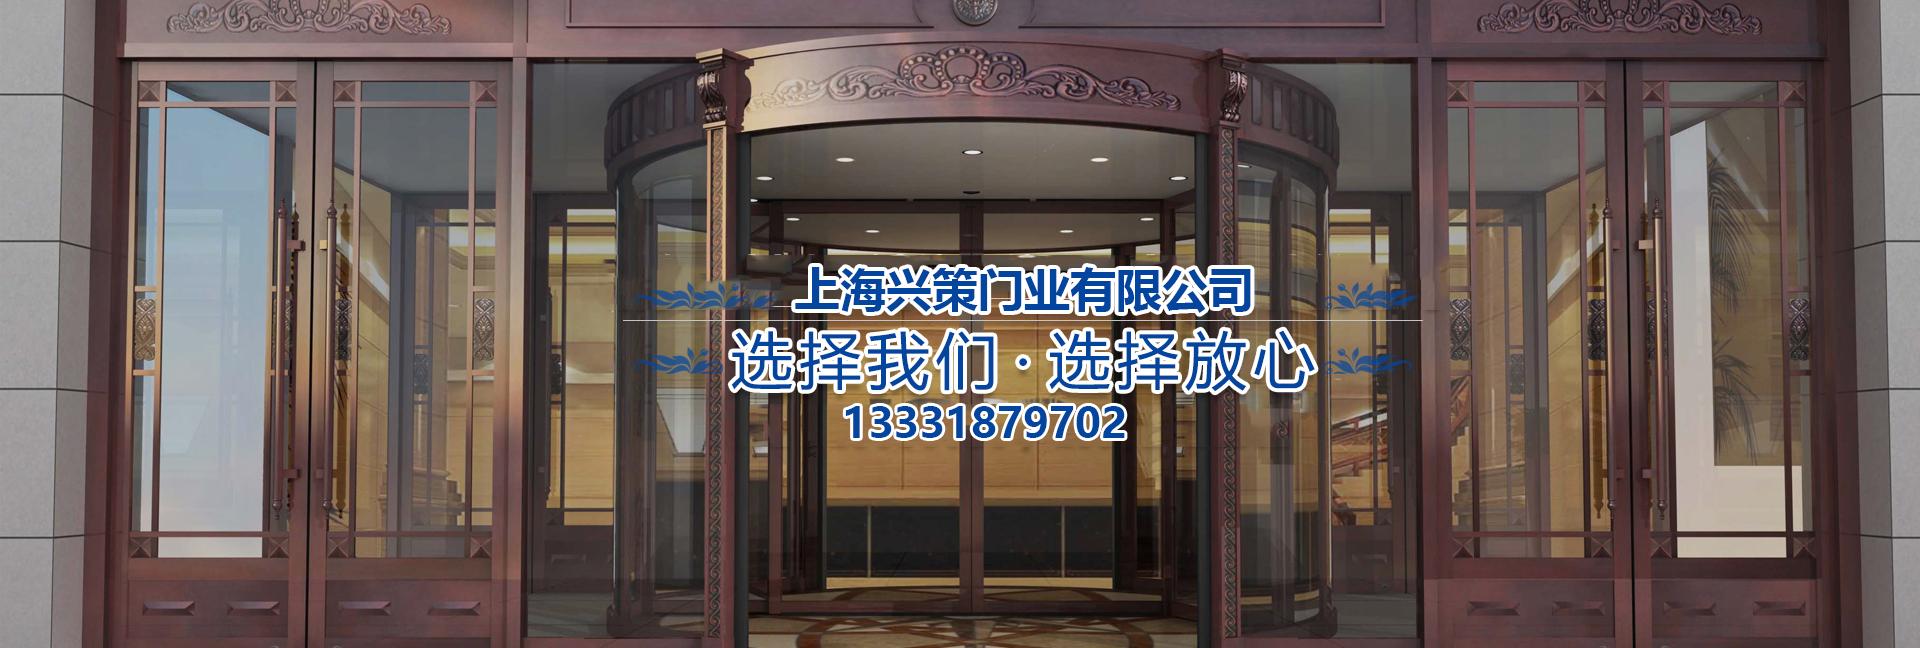 上海感应门维修